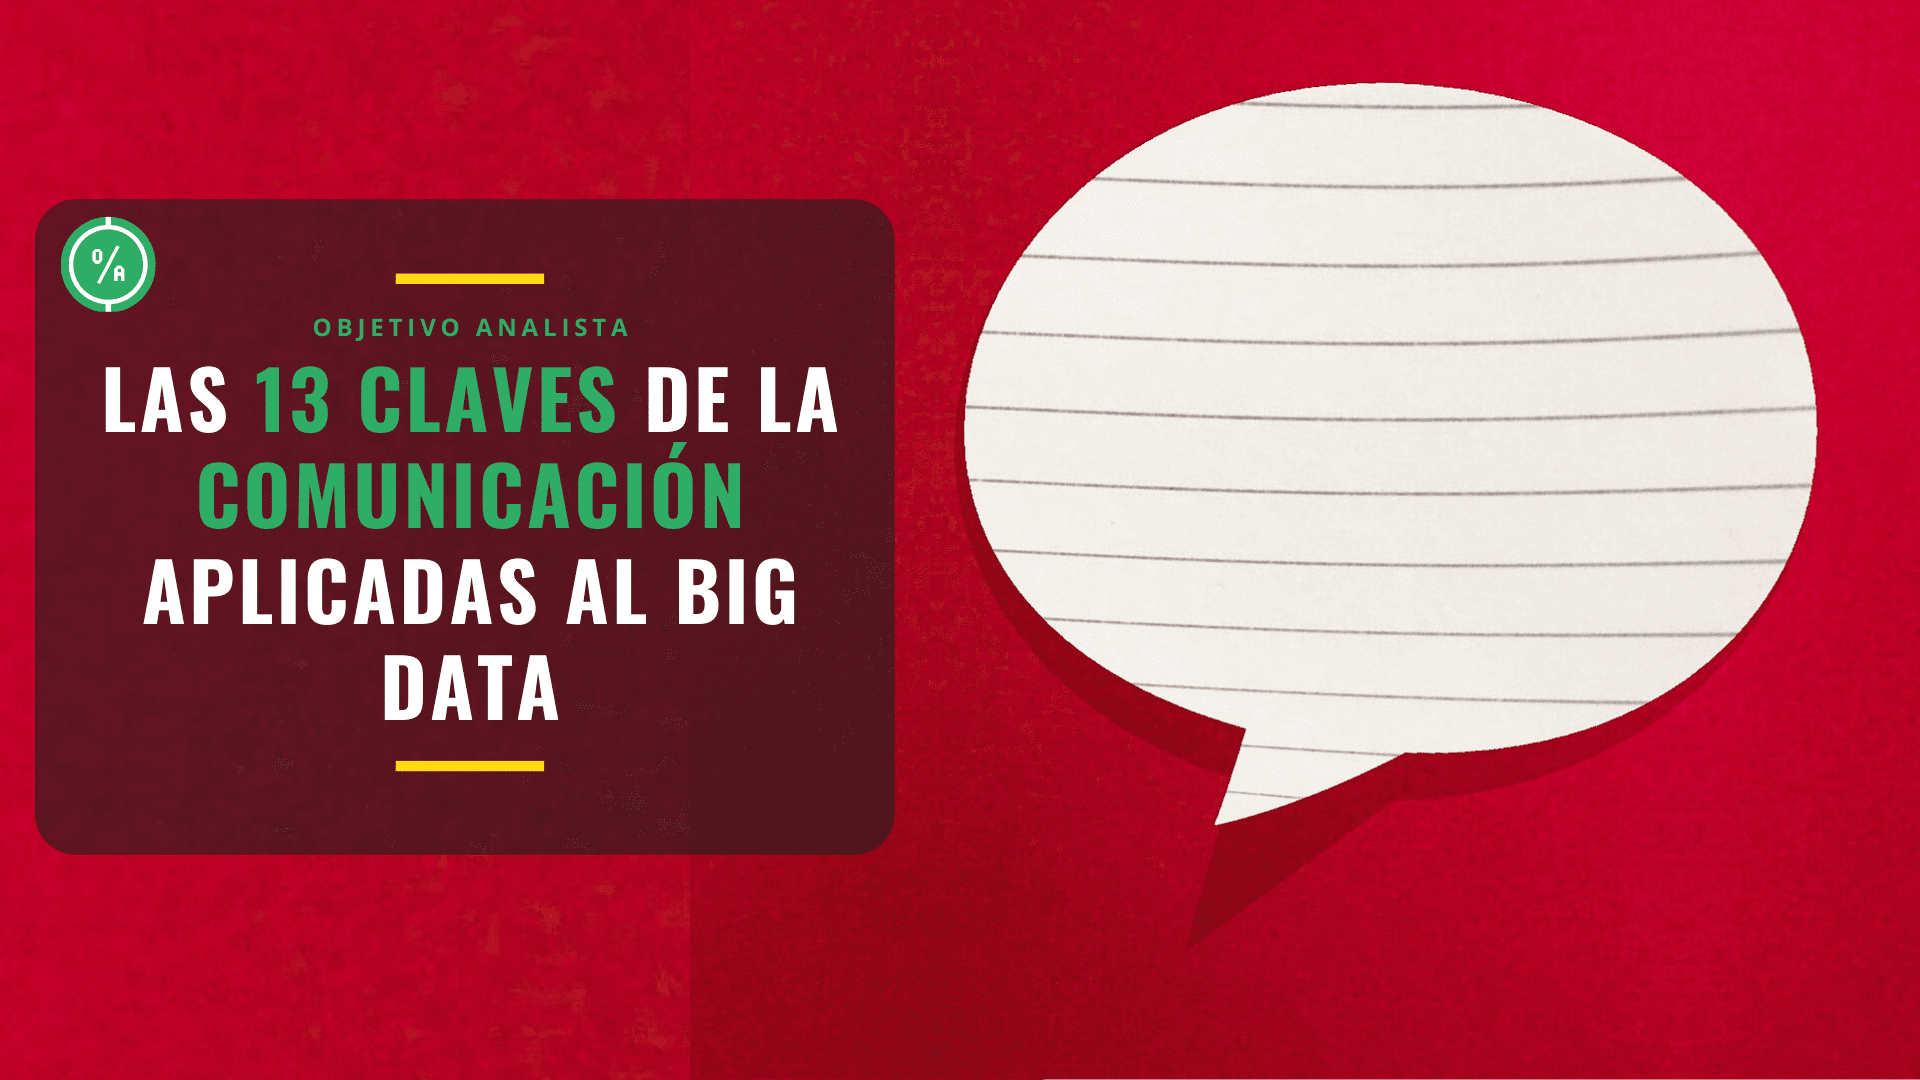 Las 13 claves de la comunicación aplicadas al Big Data